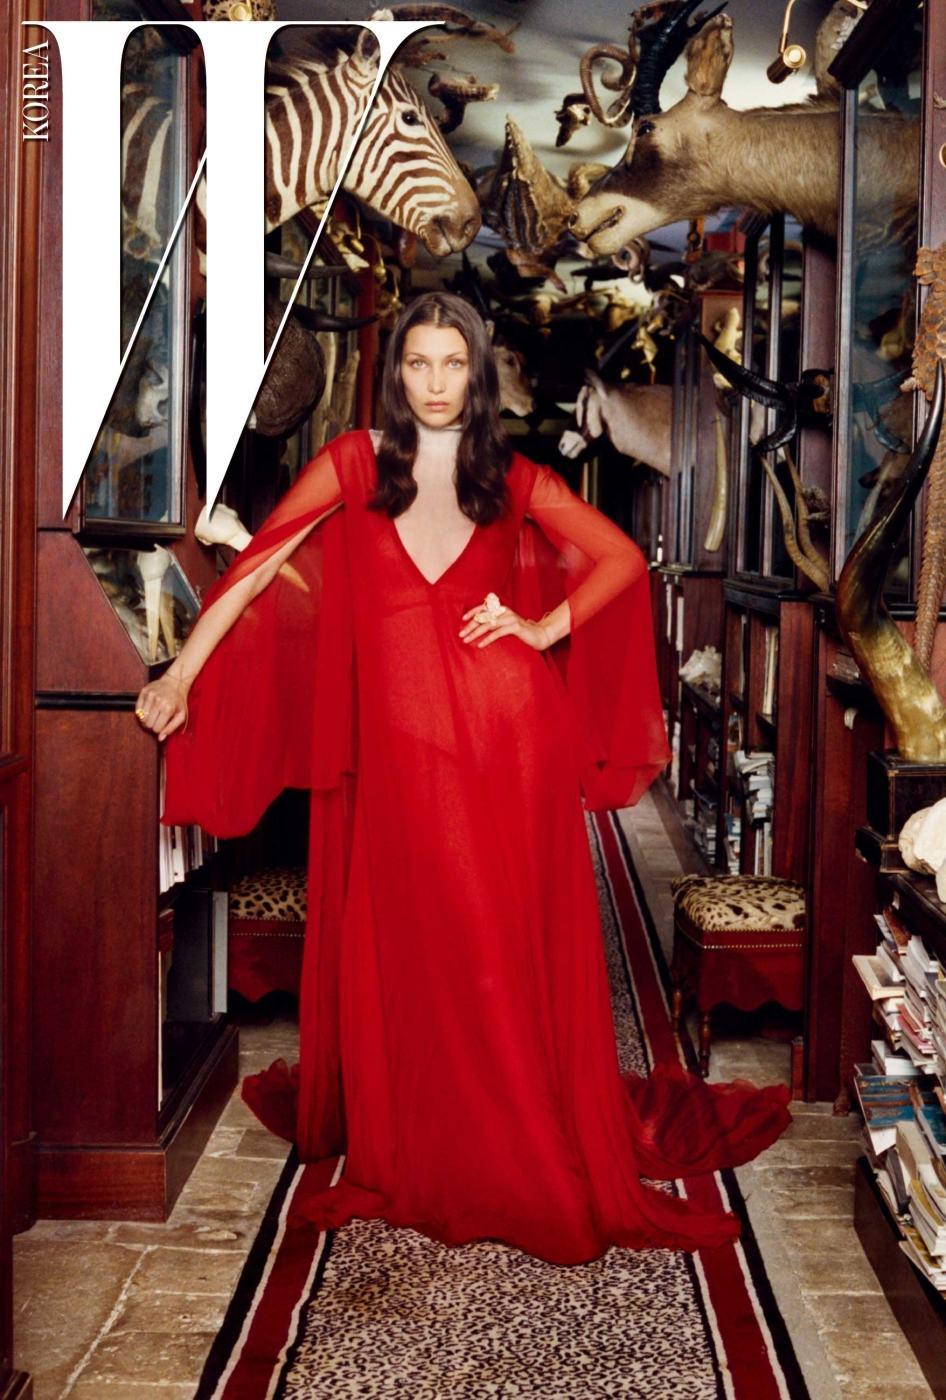 붉은색 케이프 드레스와 보디슈트는 Valentino Haute Couture. 커다란 반지는 Chopard 제품.